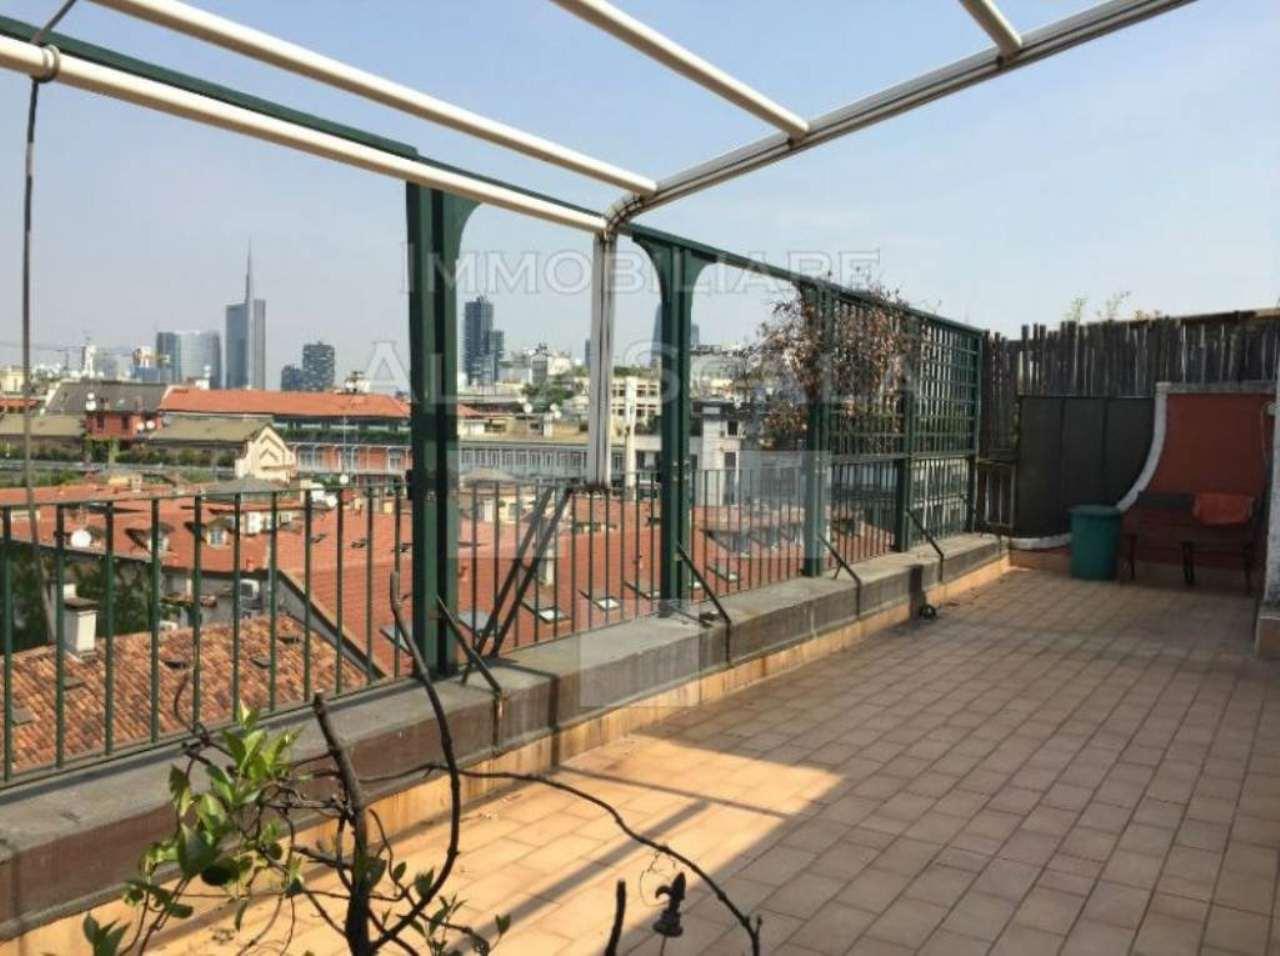 Attico / Mansarda in vendita a Milano, 3 locali, zona Zona: 1 . Centro Storico, Duomo, Brera, Cadorna, Cattolica, prezzo € 1.550.000 | Cambio Casa.it